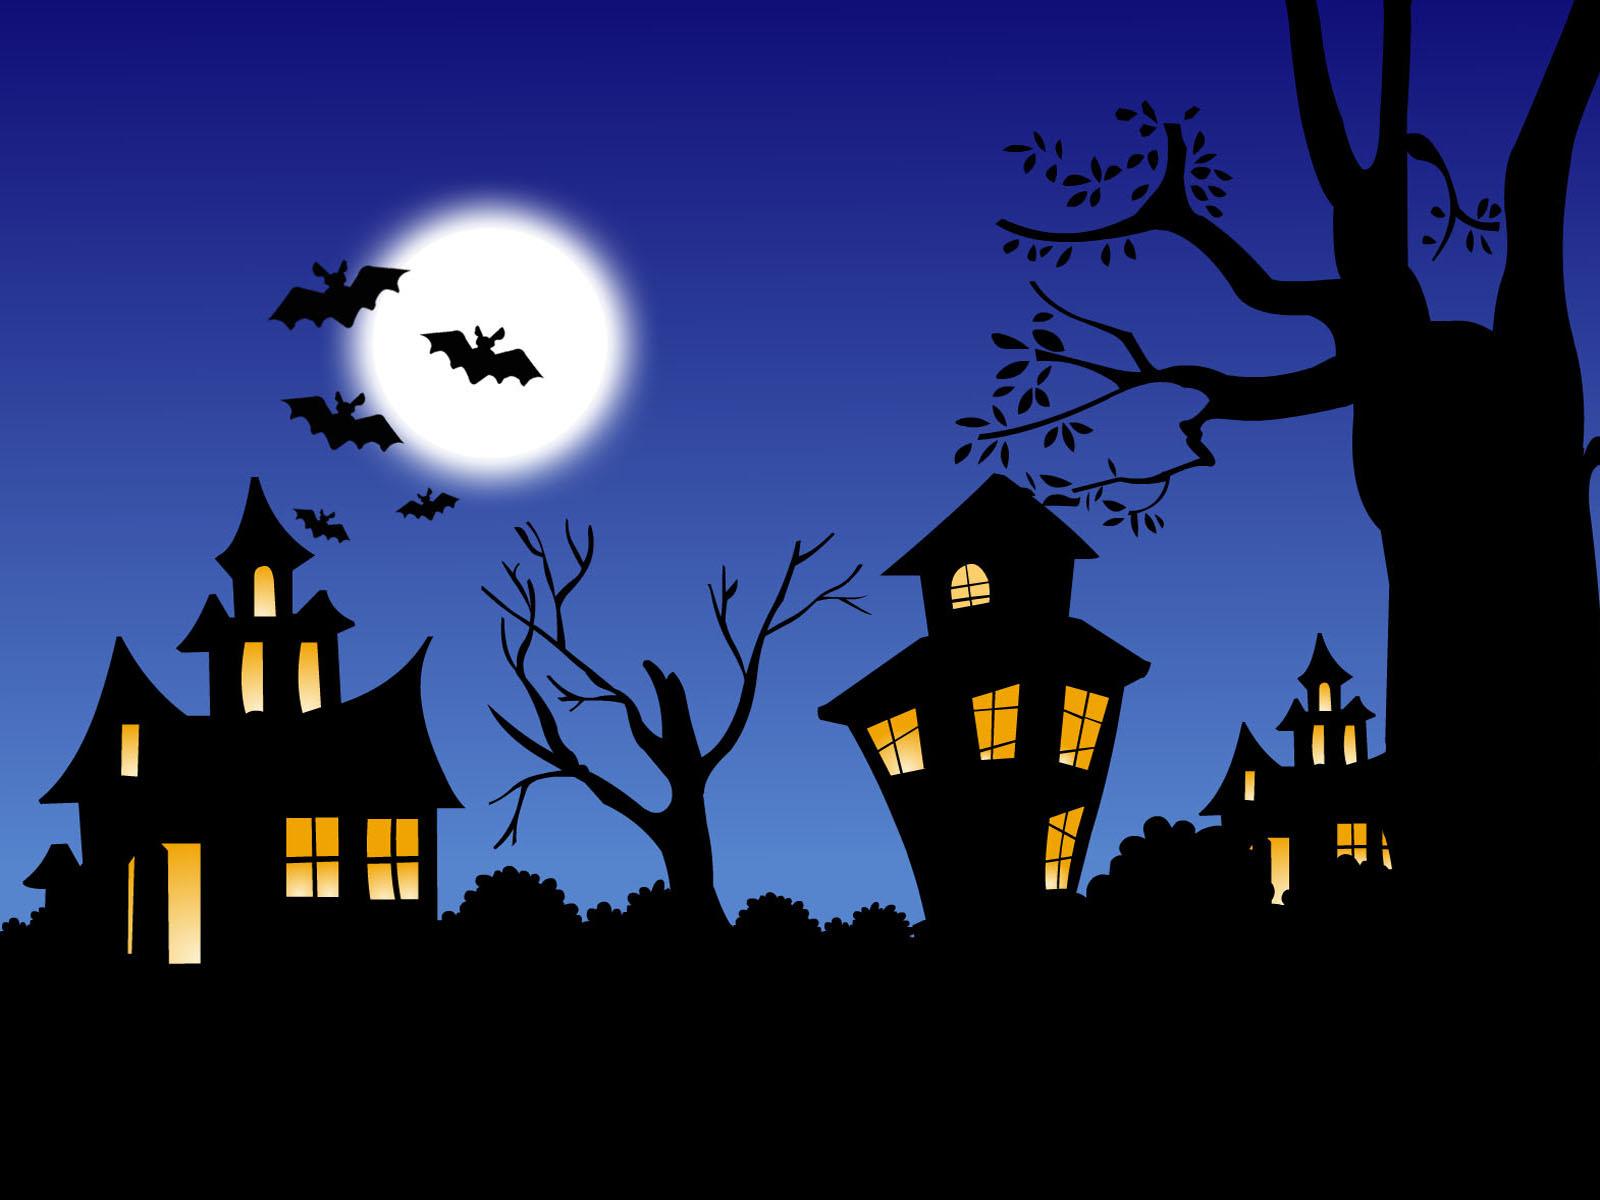 Fond d'ecran Nuit d'Halloween - Wallpaper